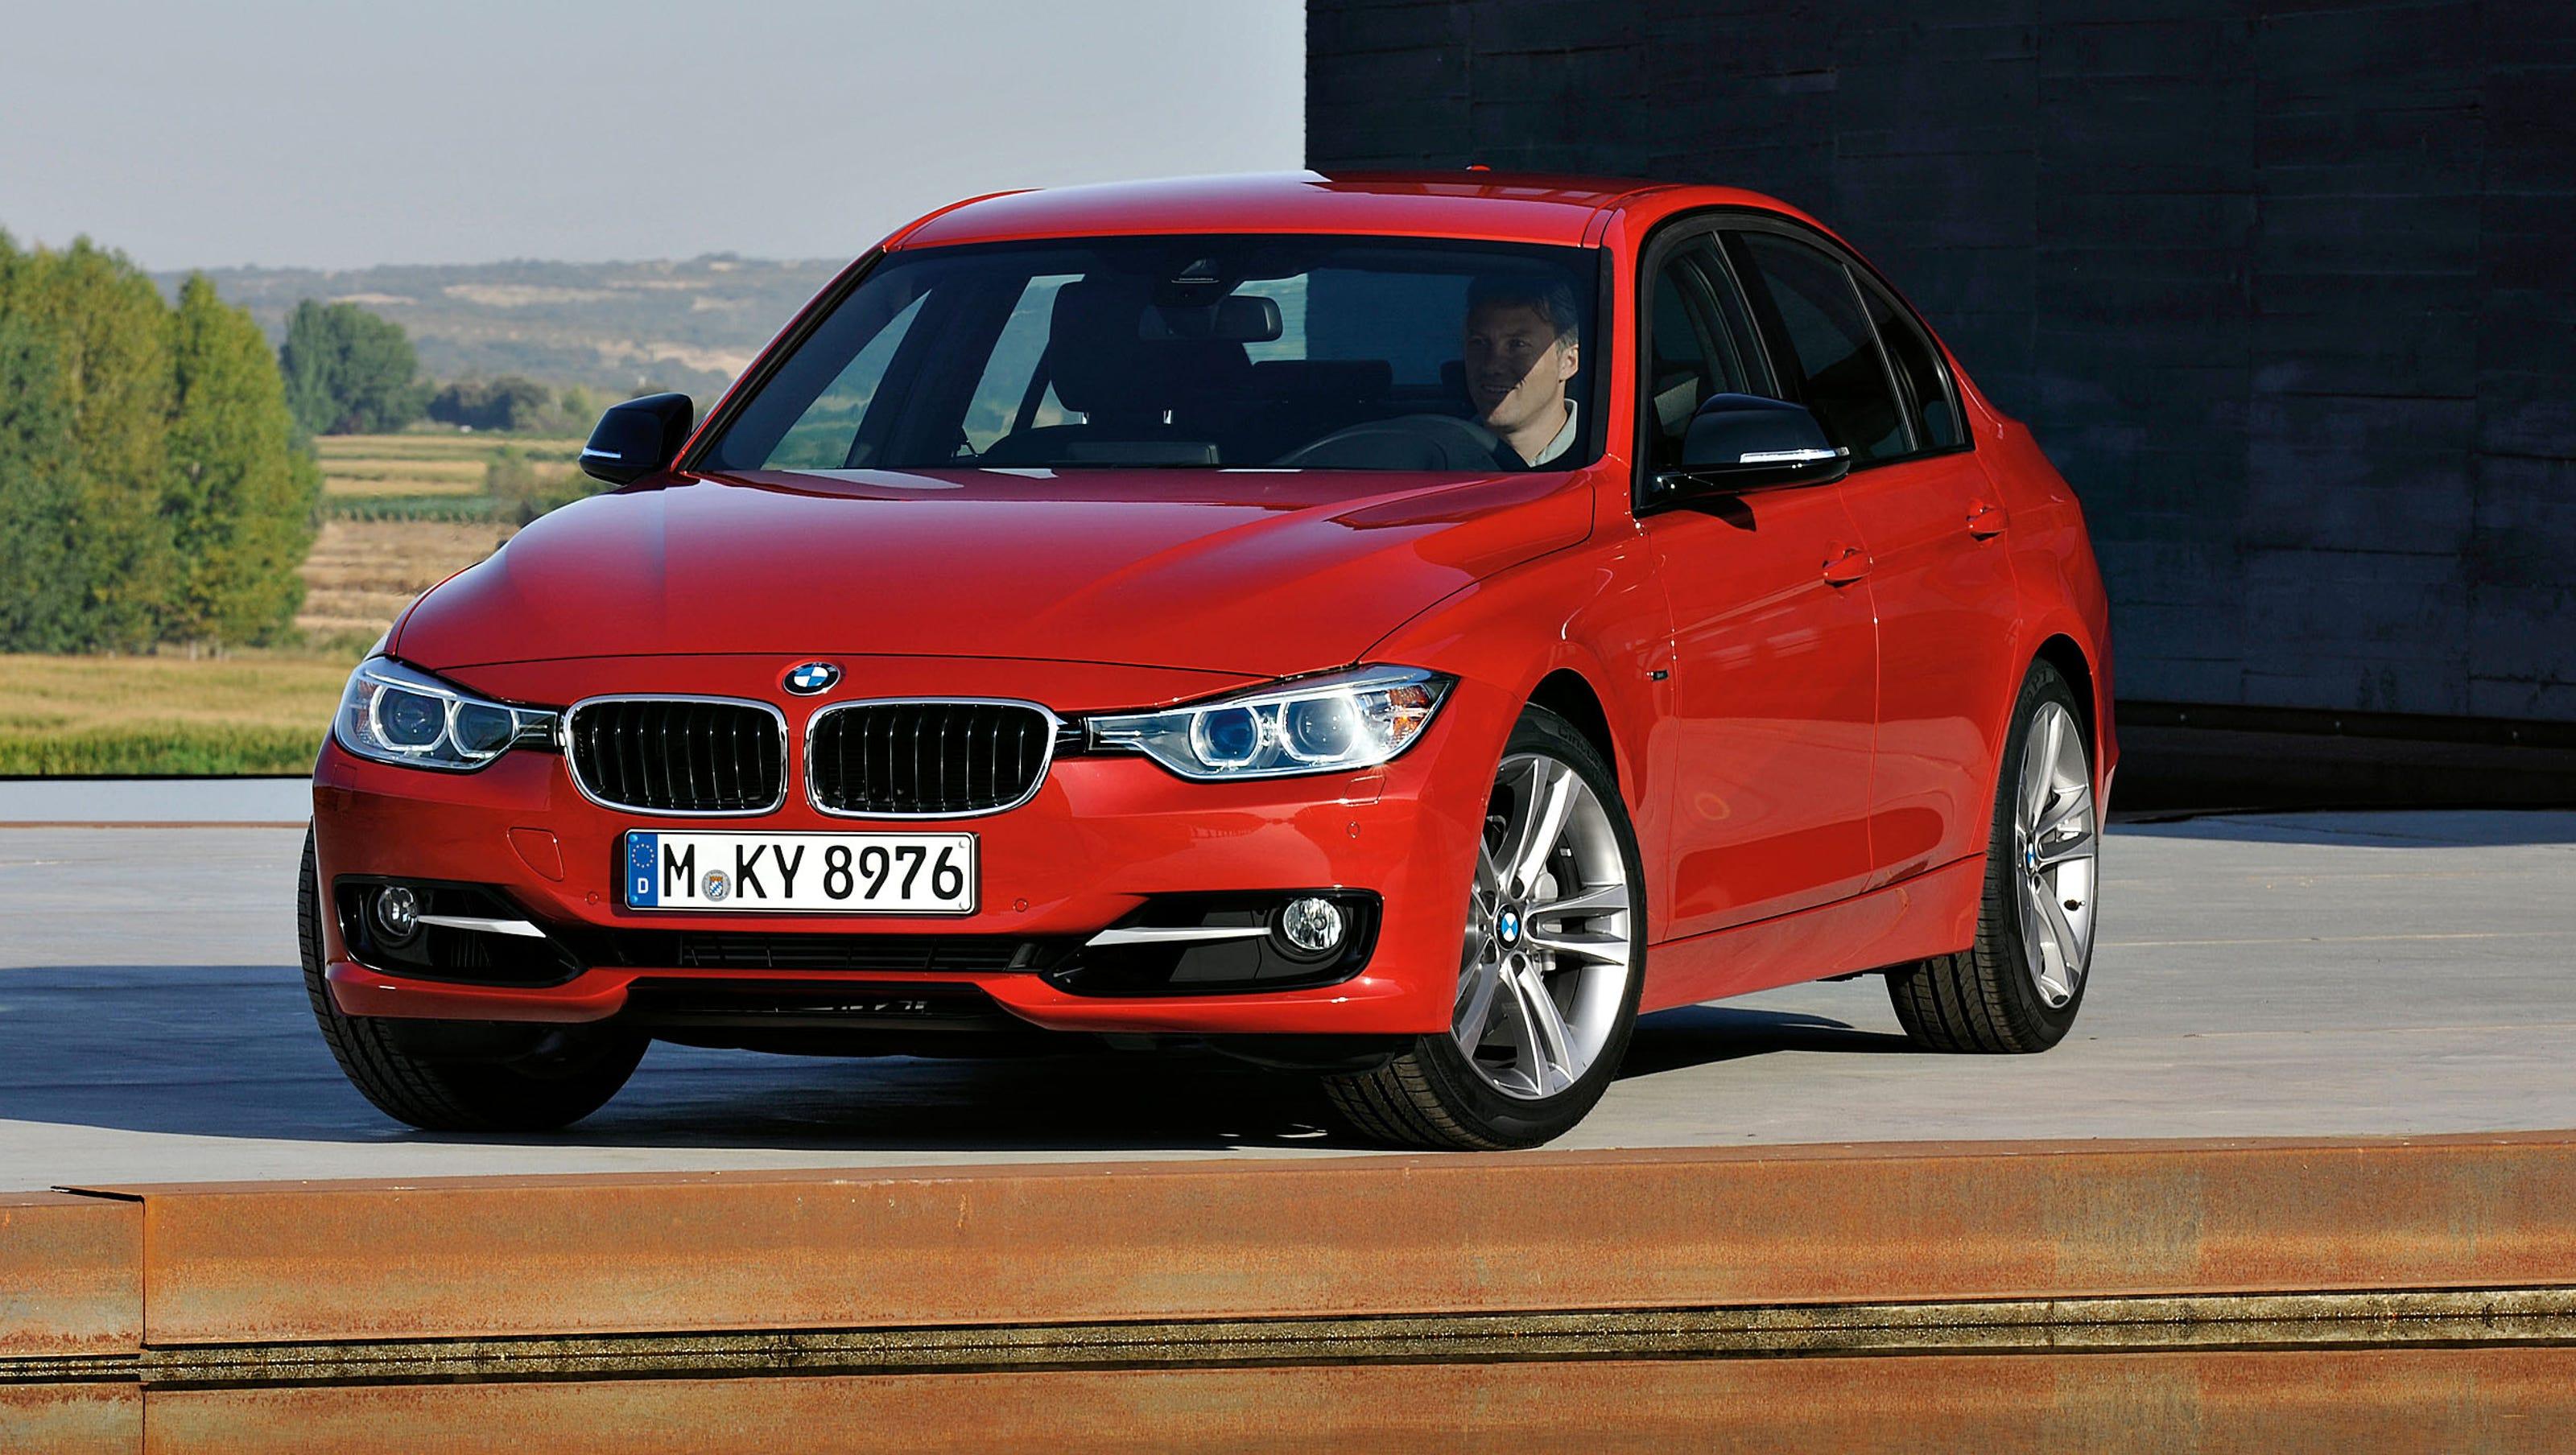 Fire hazard BMW recalls 1 4 million vehicles with under hood fire risk